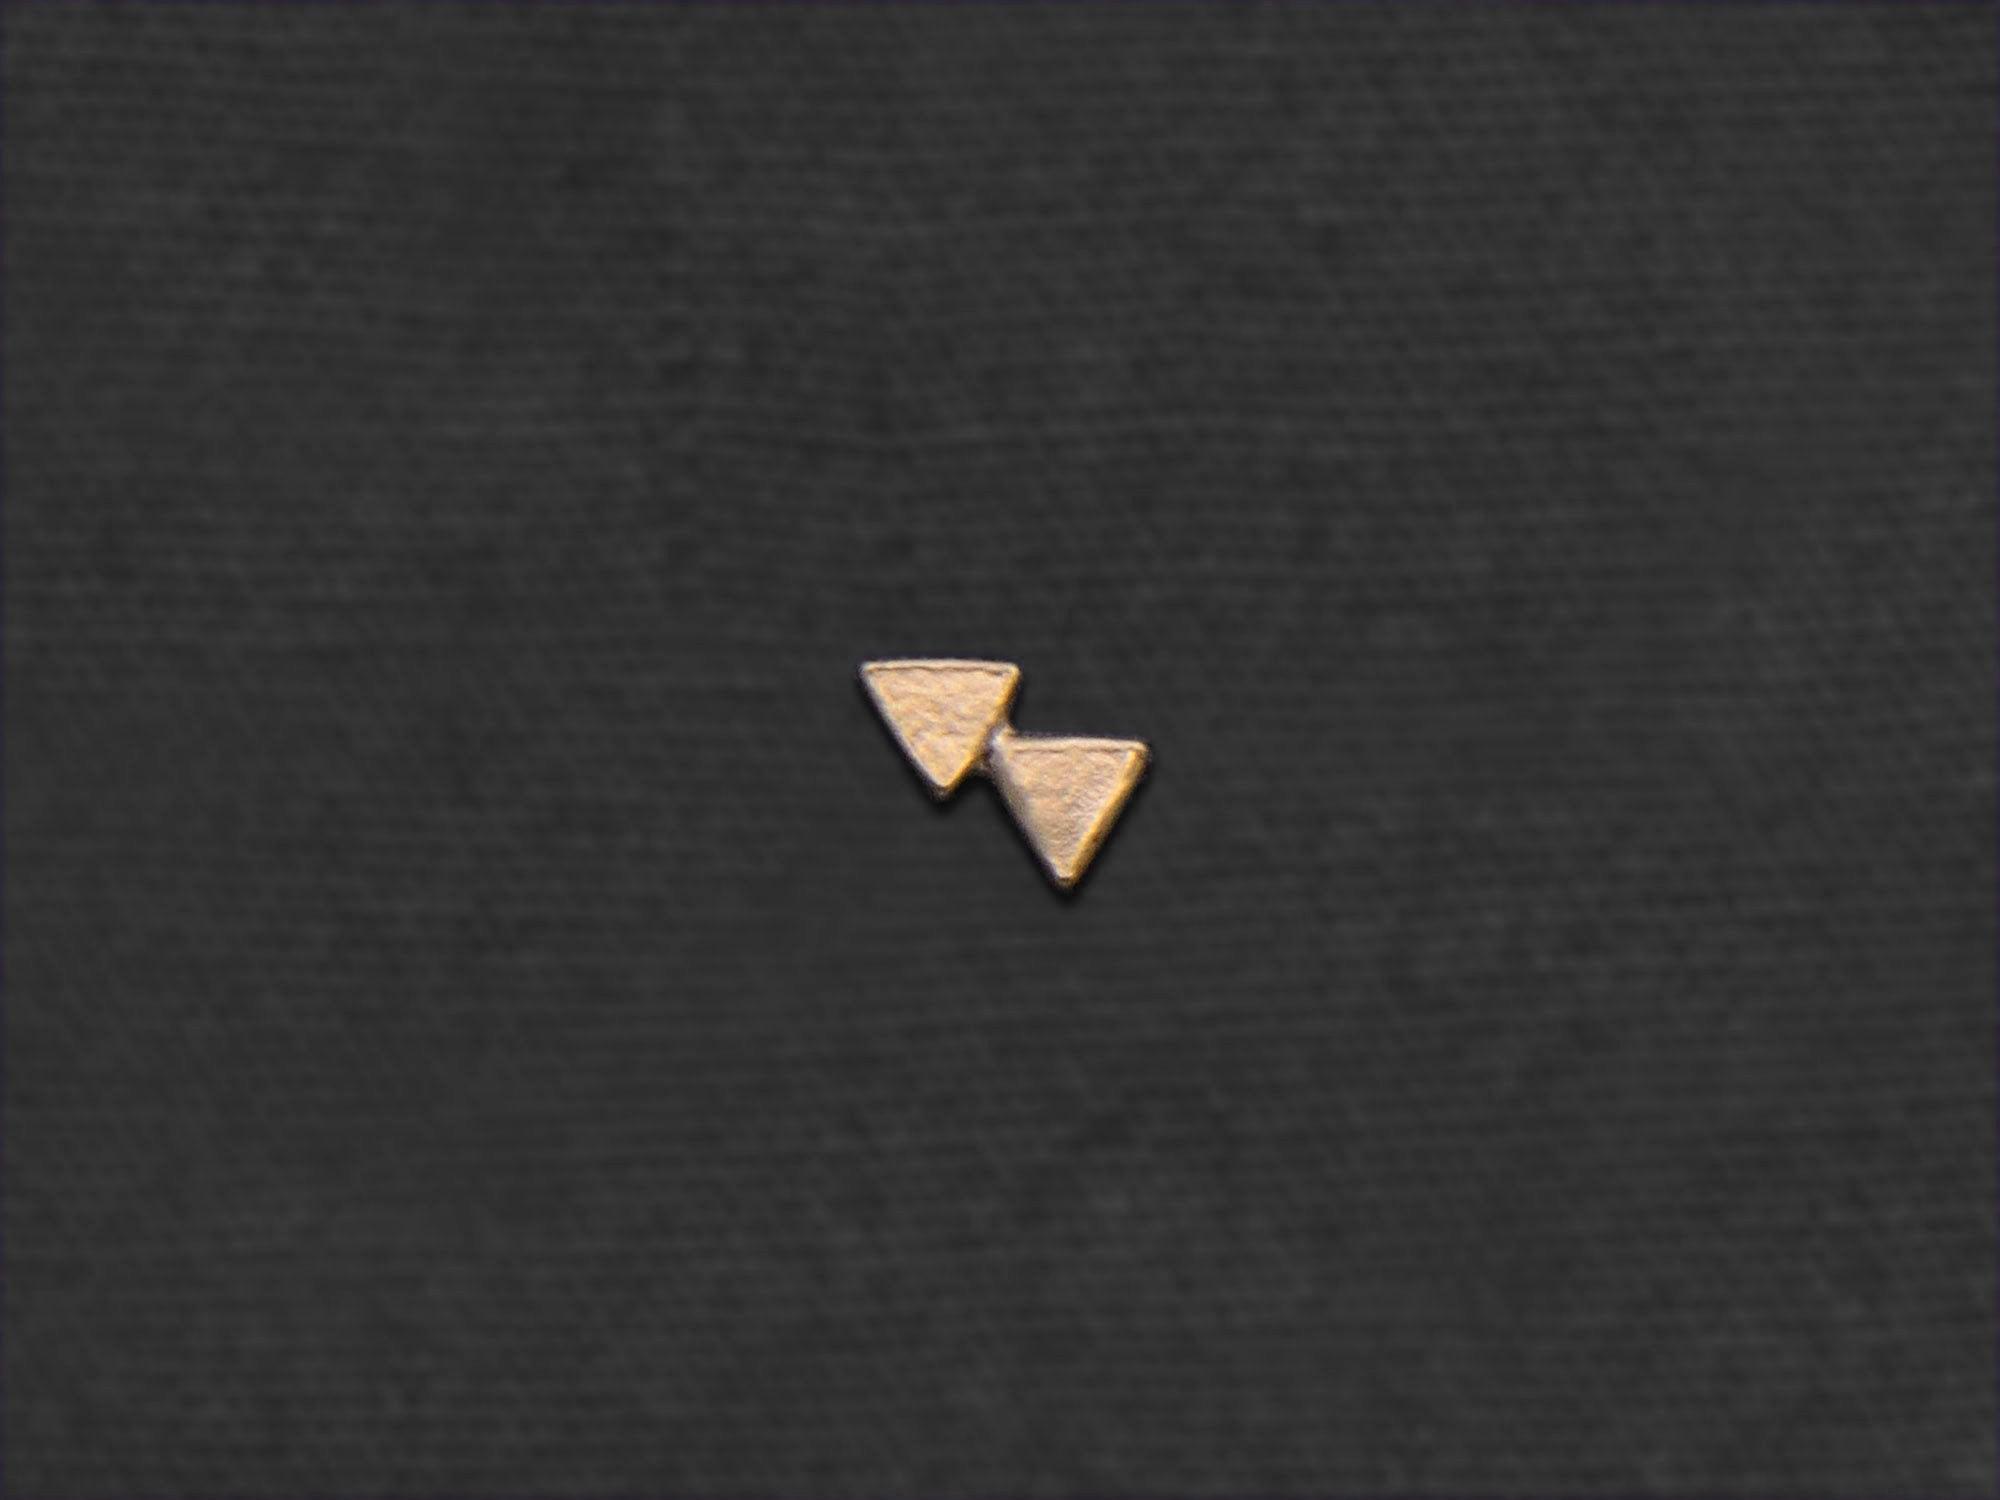 Double Triangle mini stud earring by Emmanuelle Zysman